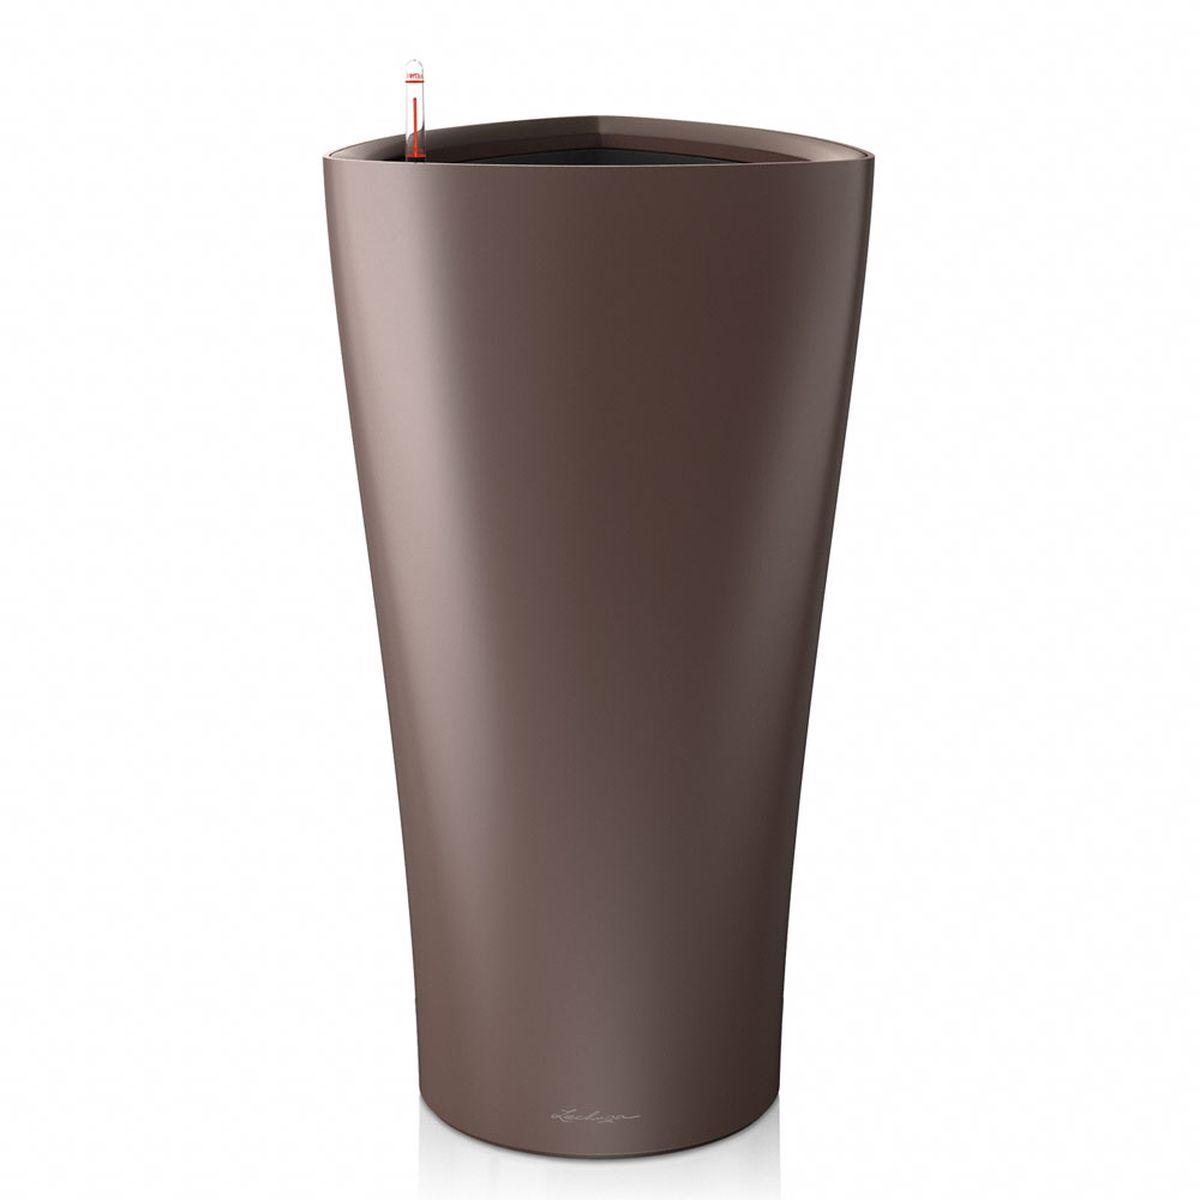 Кашпо Lechuza Delta, с системой автополива, цвет: эспрессо, 40 х 40 х 75 смZ-0307Кашпо Lechuza Delta, выполненное из высококачественного пластика, имеет уникальную систему автополива, благодаря которой корневая система растения непрерывно снабжается влагой из резервуара. Уровень воды в резервуаре контролируется с помощью специального индикатора. В зависимости от размера кашпо и растения воды хватает на 2-12 недель. Это способствует хорошему росту цветов и предотвращает переувлажнение.В набор входит: кашпо, внутренний горшок, индикатор уровня воды, резервуар для воды. Внутренний горшок, оснащенный выдвижными ручками, обеспечивает:- легкую переноску даже высоких растений;- легкую смену растений;- можно также просто убрать растения на зиму;- винт в днище позволяет стечь излишней дождевой воде наружу.Кашпо Lechuza Delta прекрасно впишется в интерьер больших холлов, террас ресторанов и уютных гостиных. Изделие поможет расставить нужные акценты и придаст помещению вид, соответствующий вашим представлениям.